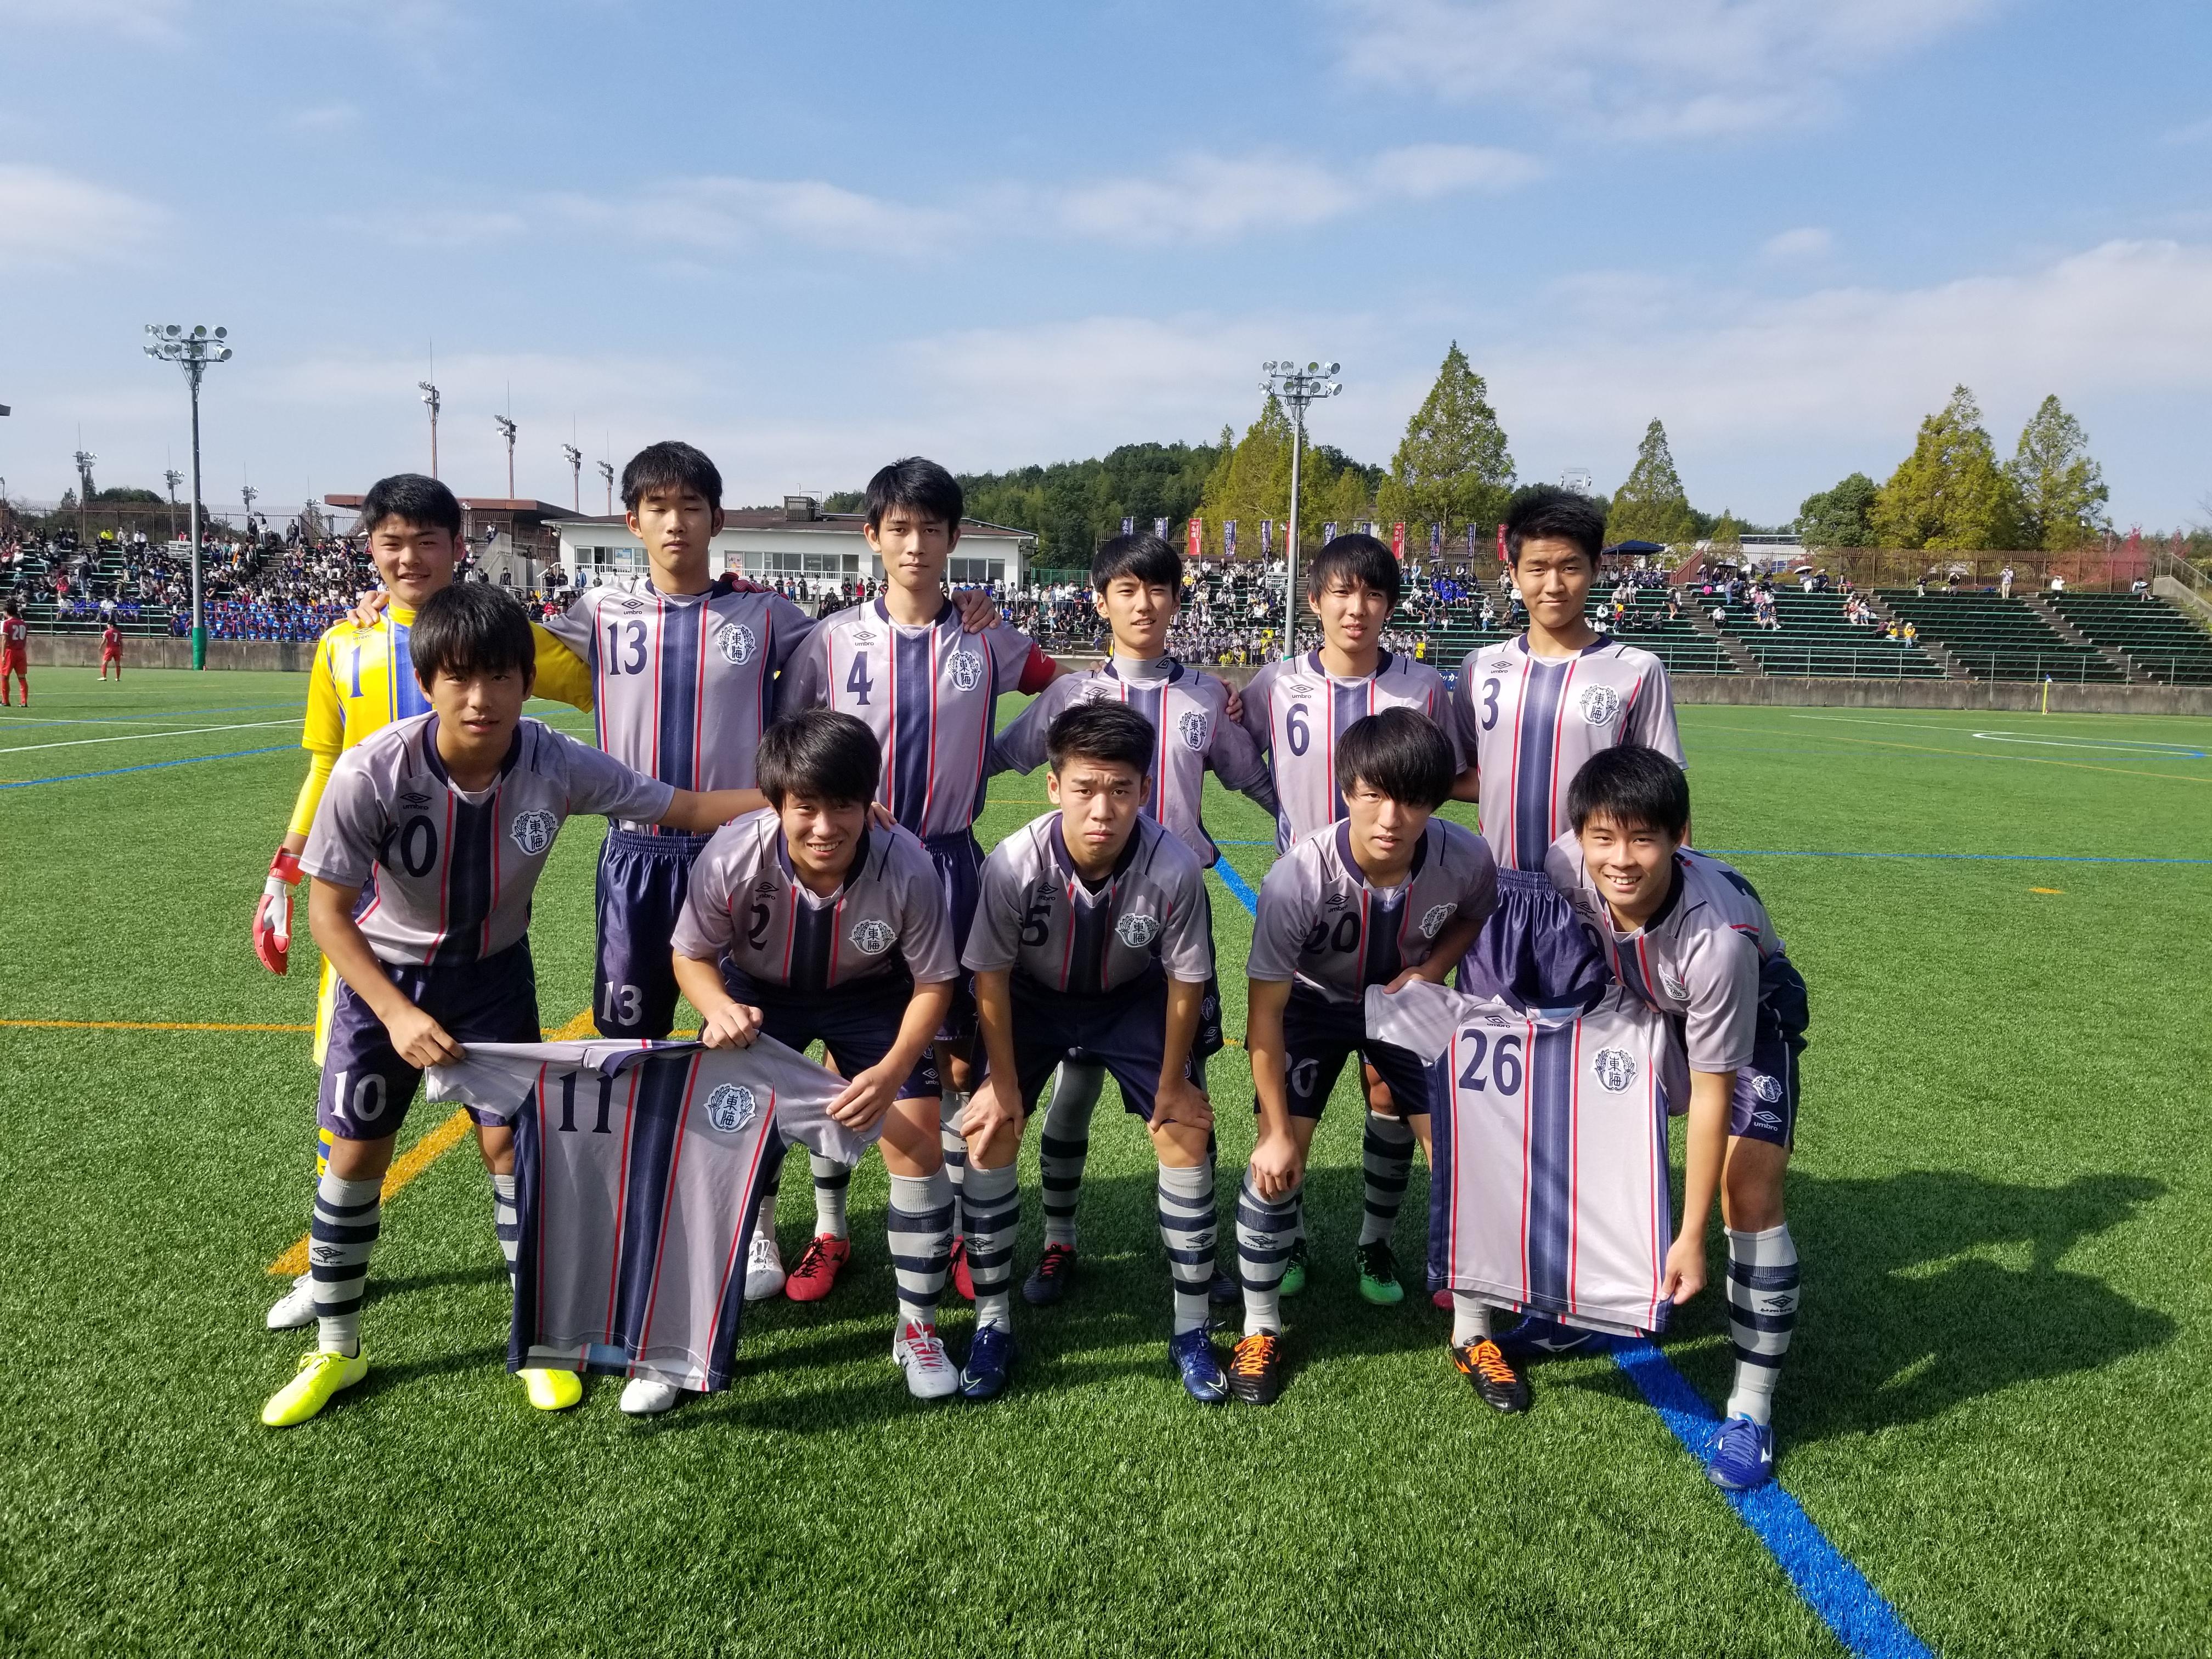 第98回全国高校サッカー選手権大会・愛知県大会準々決勝